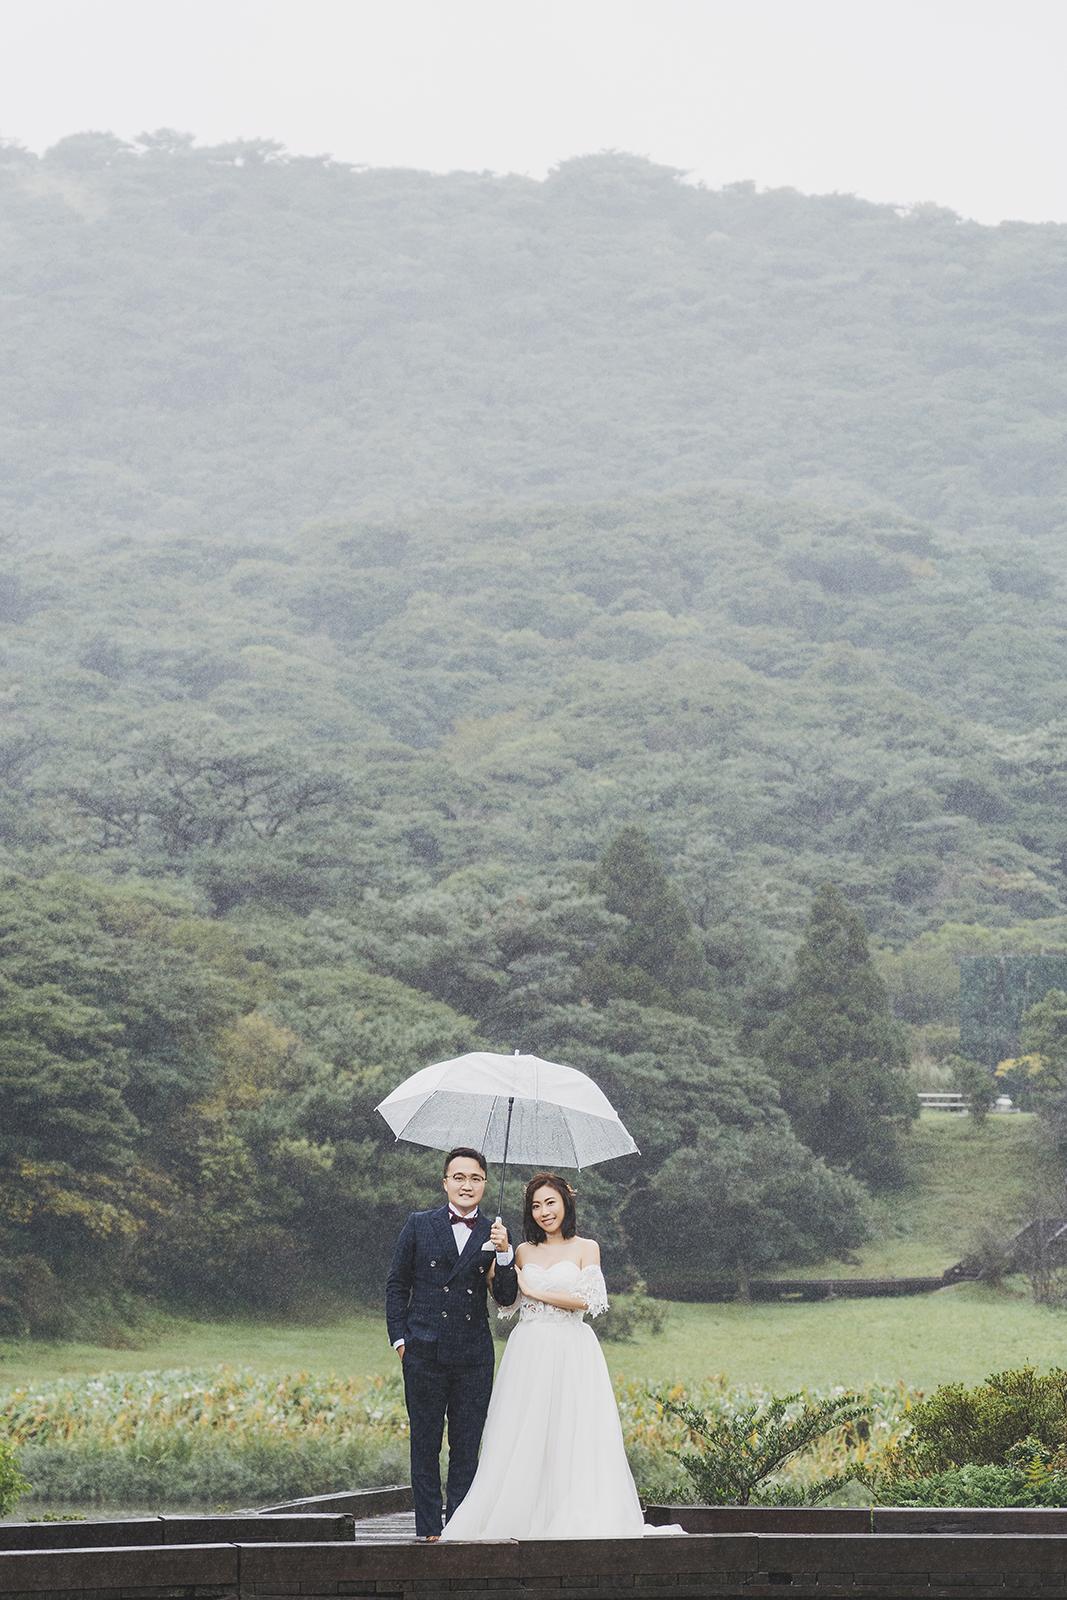 仔細端看畫面可以發現點點雨絲,是大自然加上的質感。